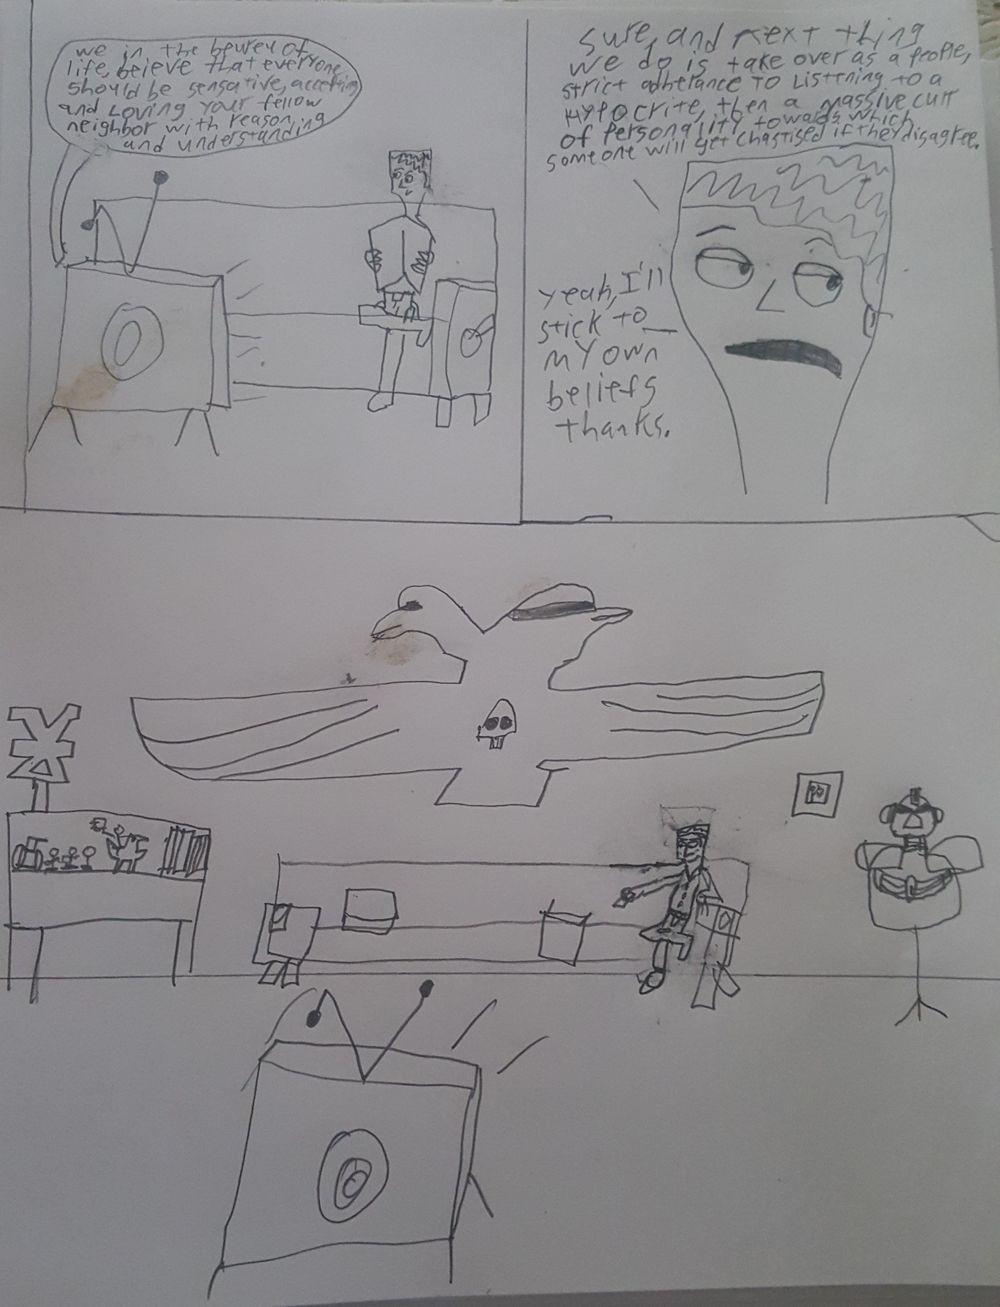 Emotional amateur - image 2 - student project